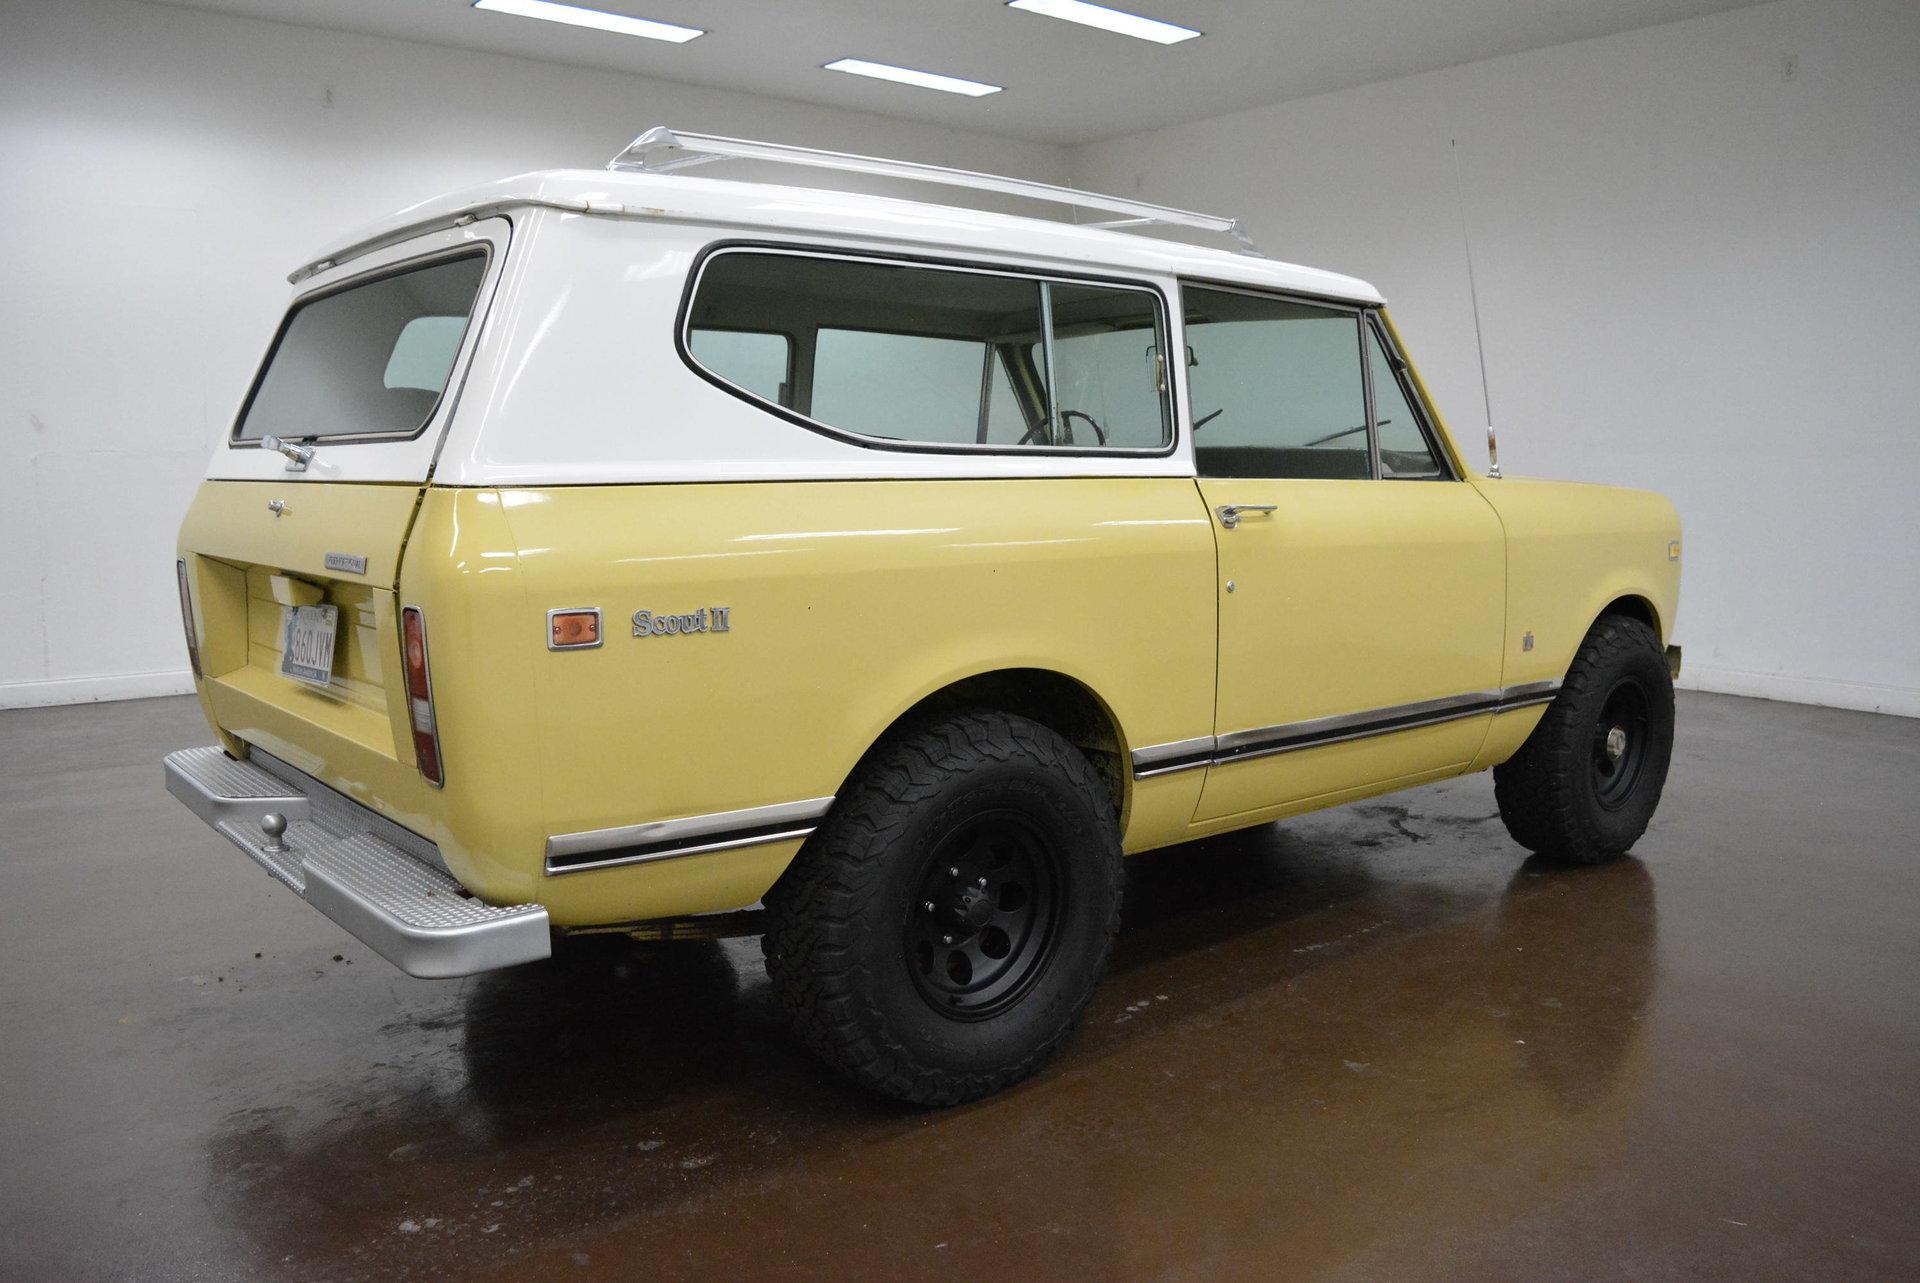 1972 International Scout Ii Classic Car Liquidators In